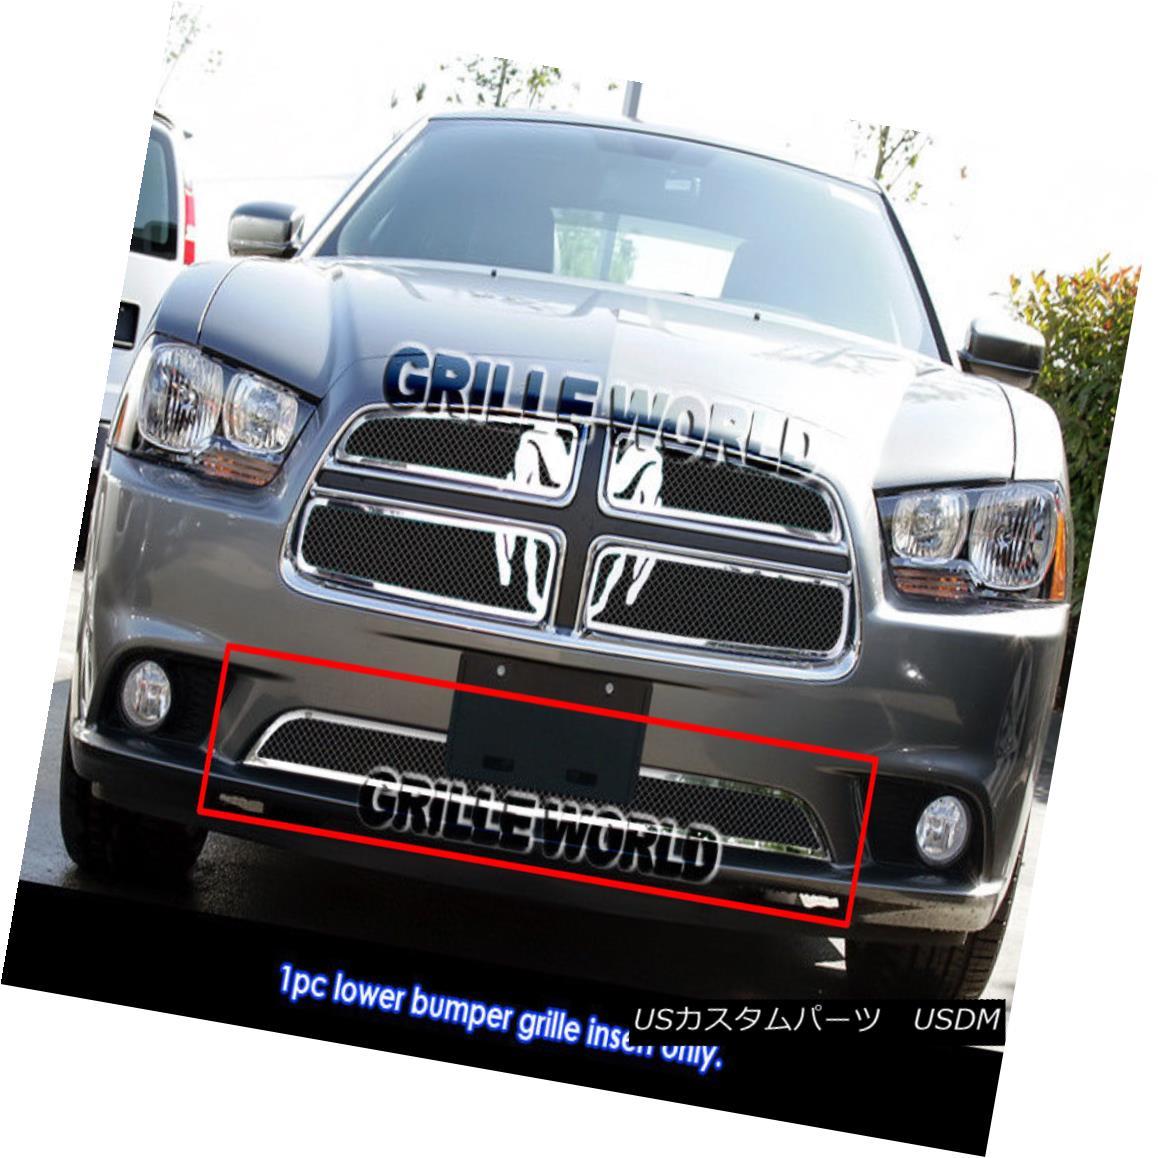 グリル For 2011-2014 Dodge Charger Stainless Steel Black Mesh Grille Insert 2011-2014年ダッジチャージャーステンレススチールブラックメッシュグリルインサート